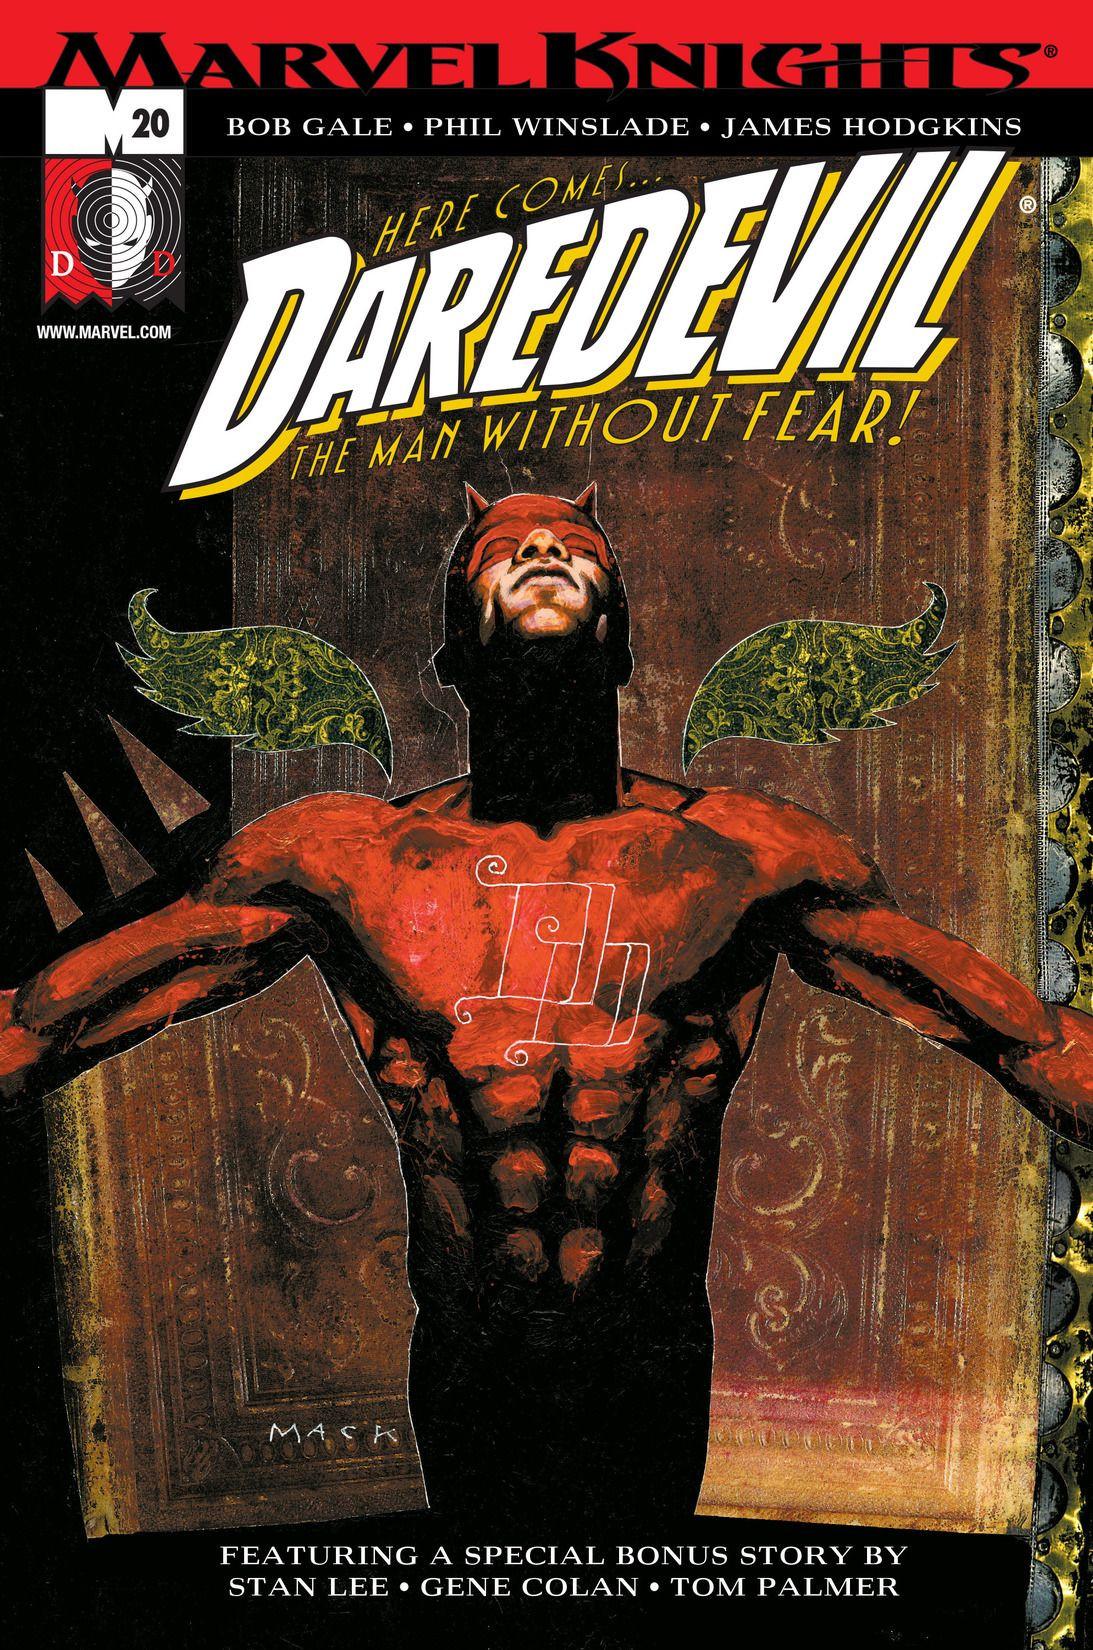 COLECCIÓN DEFINITIVA: DAREDEVIL [UL] [cbr] Daredevil_Vol_2_20